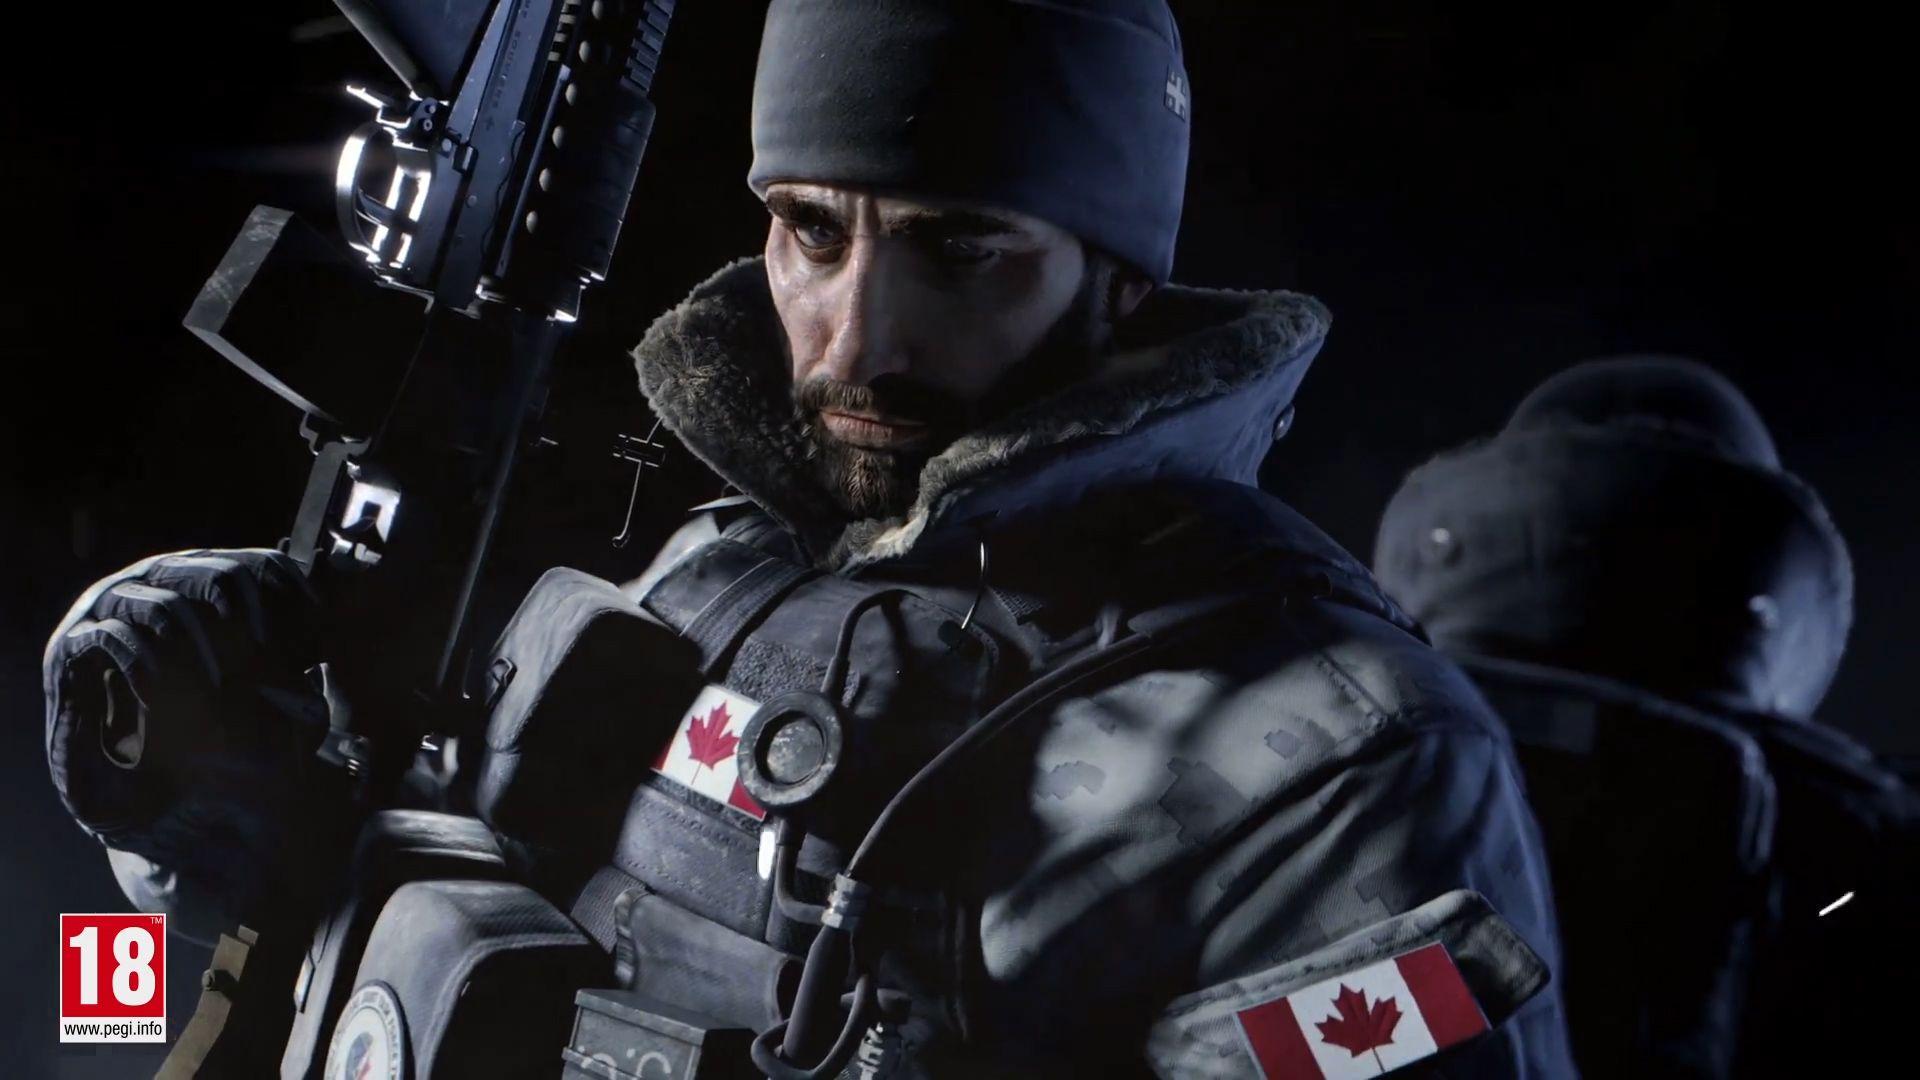 L'Opération Black Ice est disponible pour Tom Clancy's